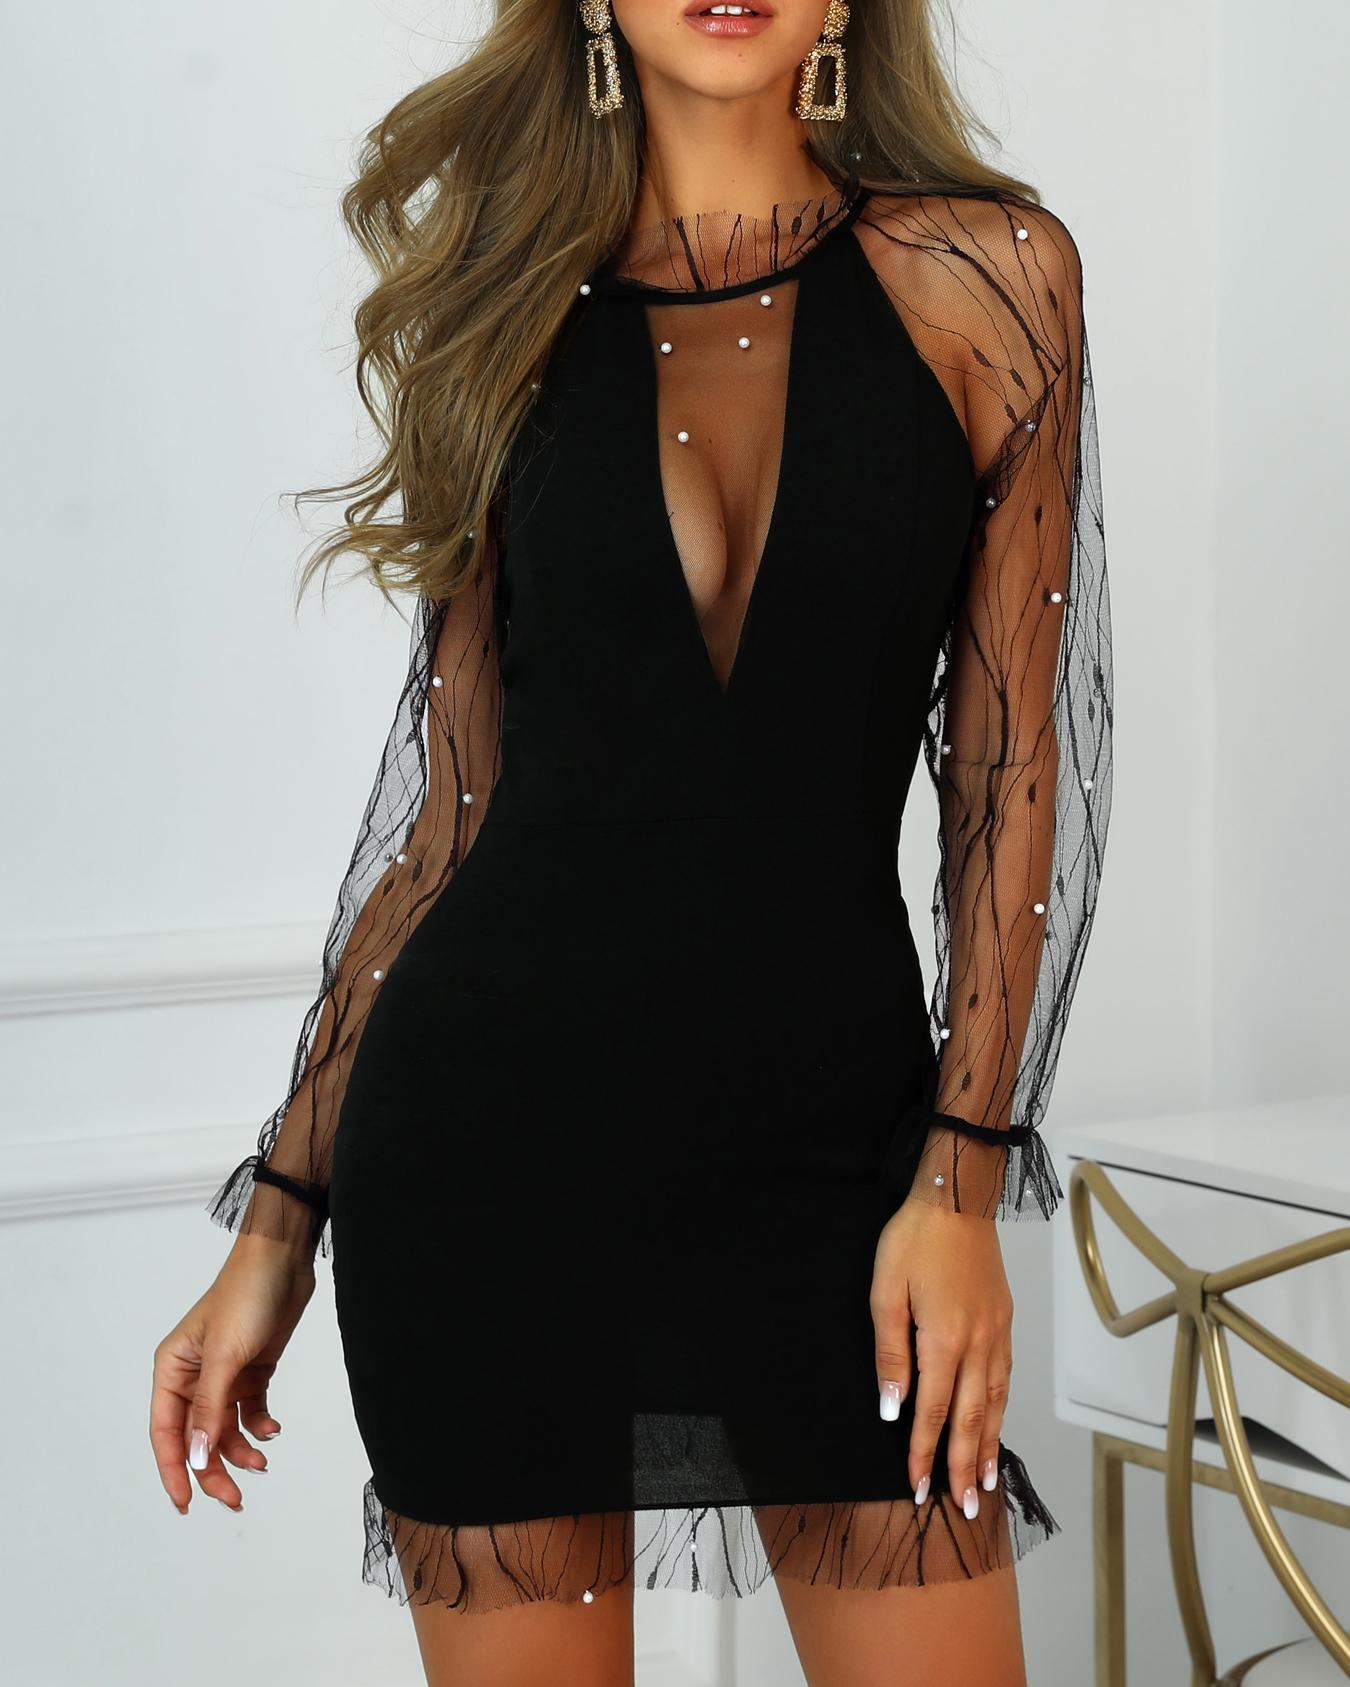 chicme / Vestido de fiesta con detalle de cuentas de malla transparente